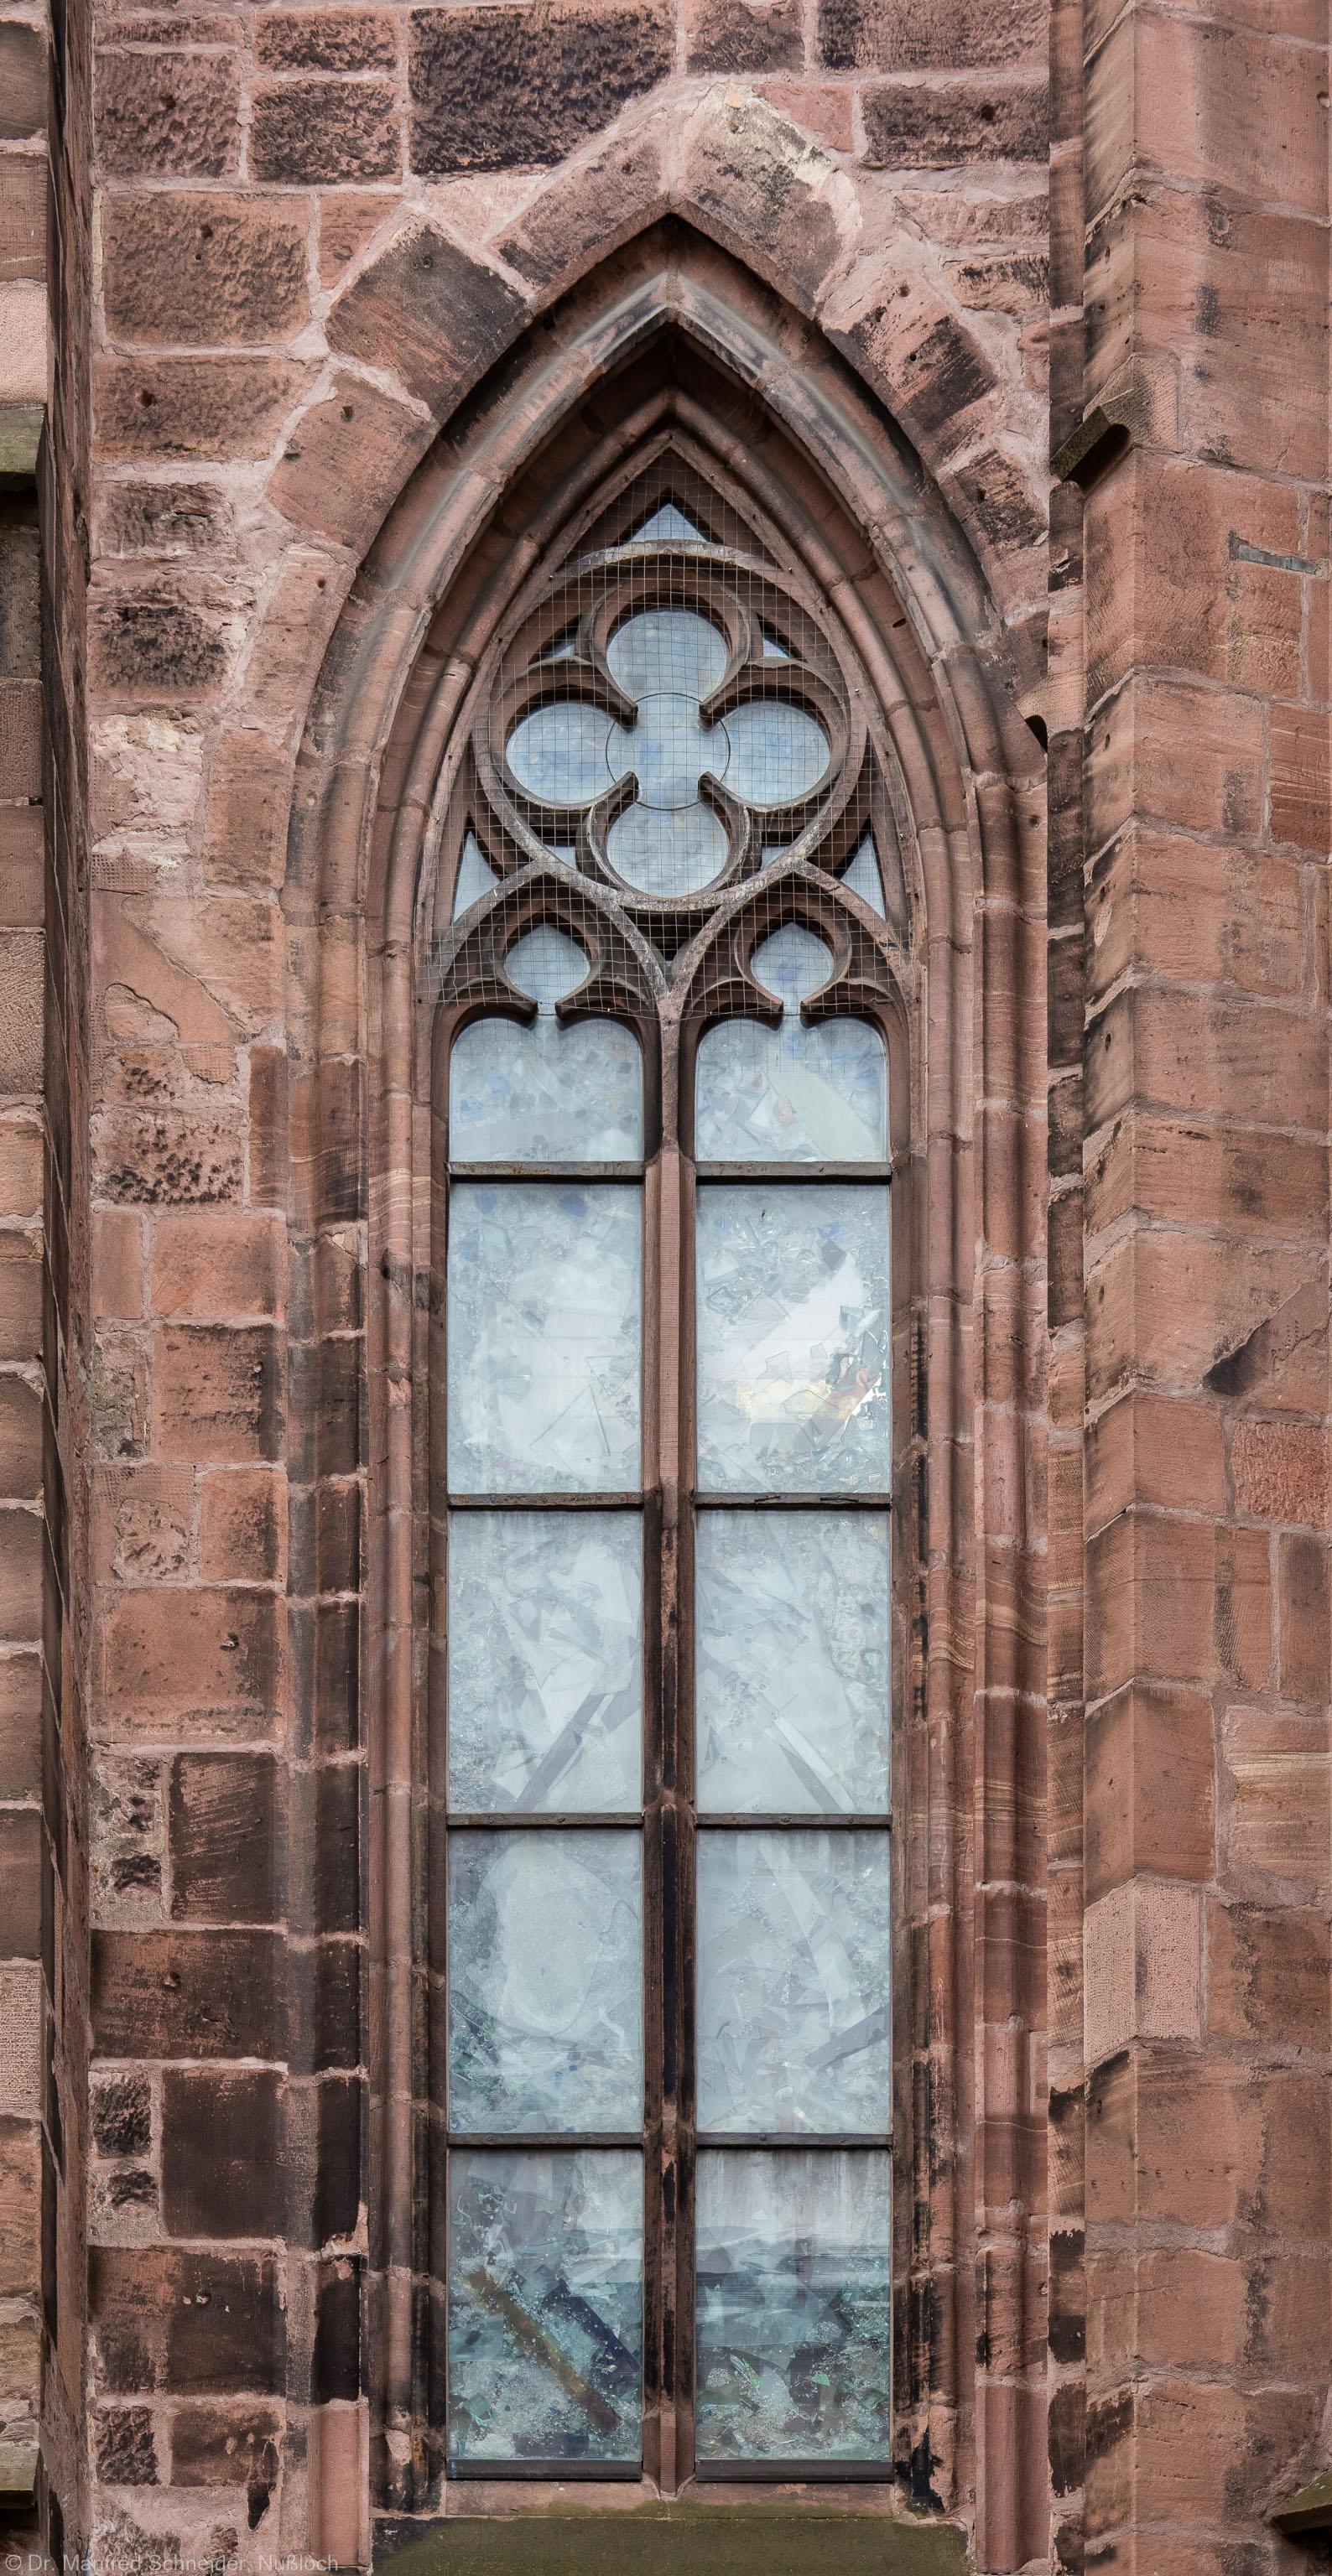 """Heidelberg - Heiliggeistkirche - Nordseite - 2. Fenster des Nordschiffs, von Westen aus gezählt - Blick auf das Fenster """"Schöpfungsgeschichte - Gottes Geist über dem Chaos"""" von Hella De Santarossa (aufgenommen im Oktober 2015, am späten Vormittag)"""